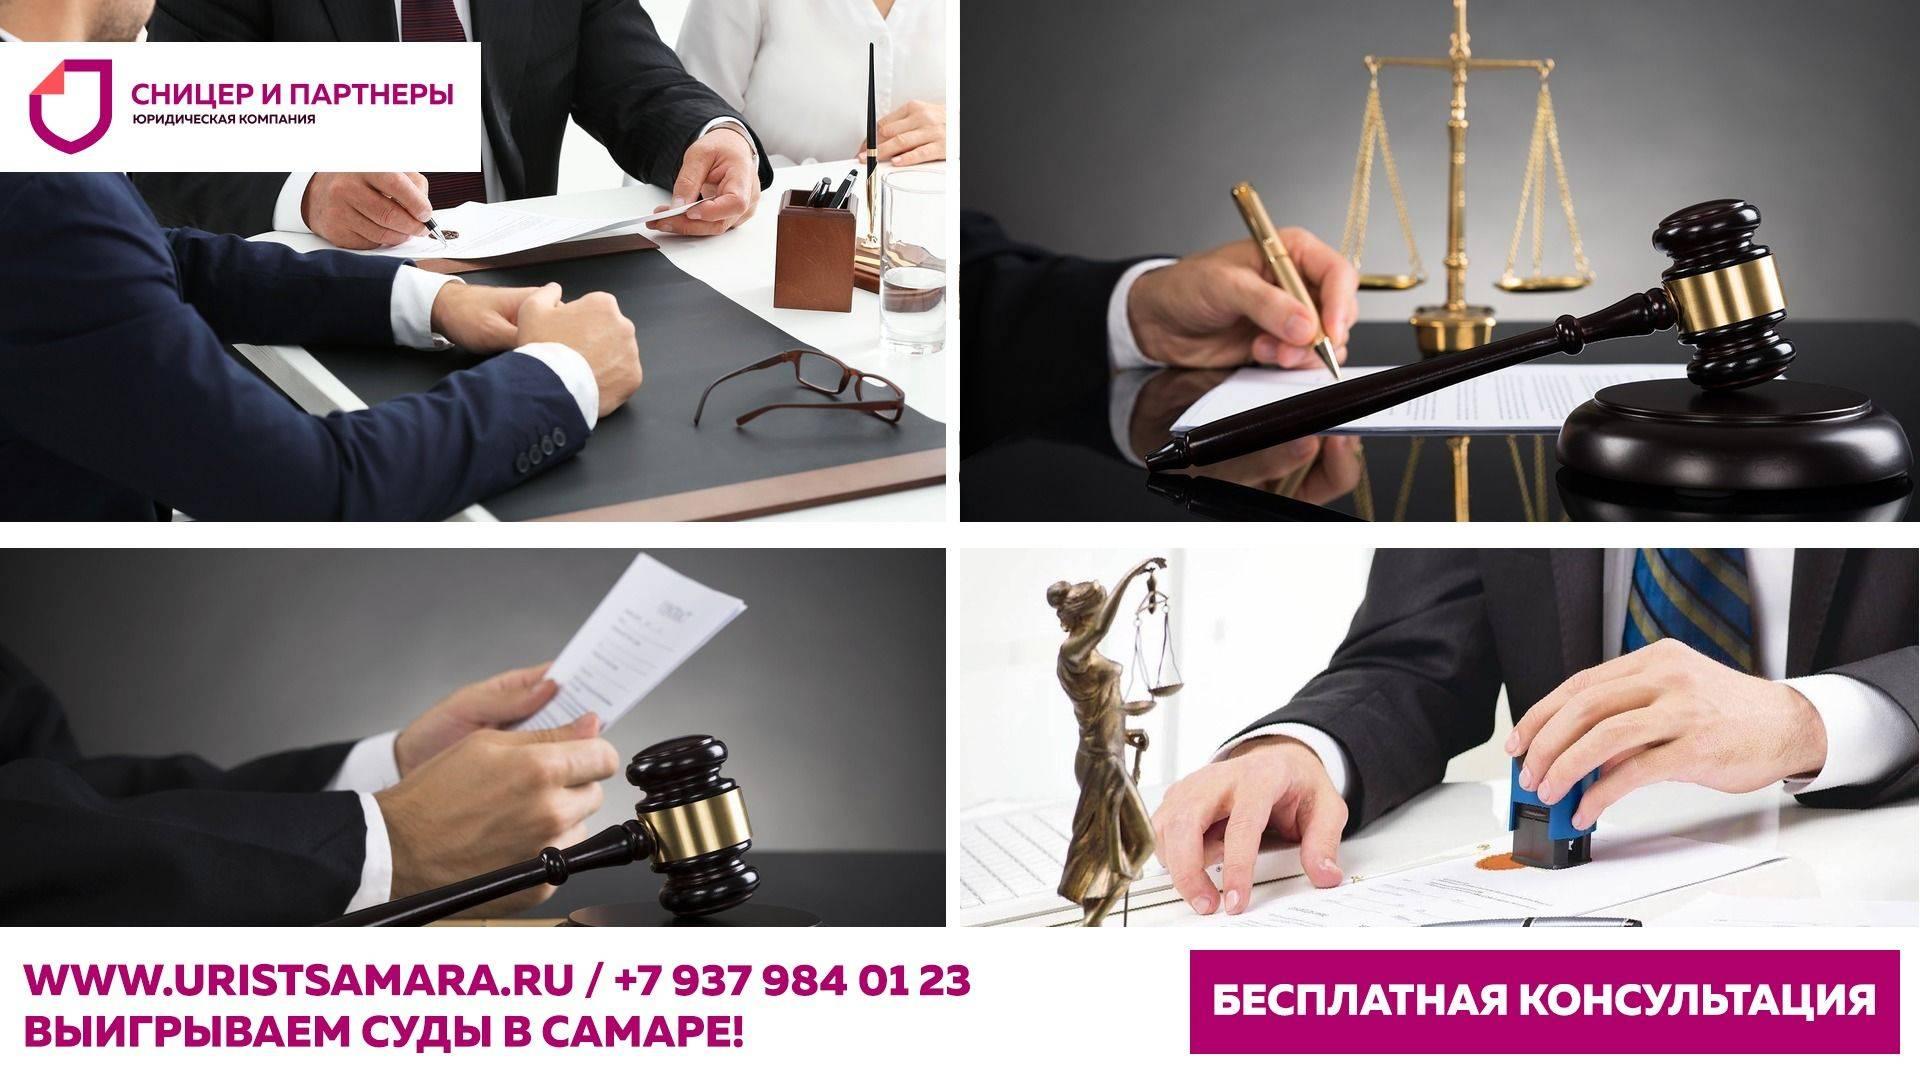 Юридическая помощь для защиты прав призывника